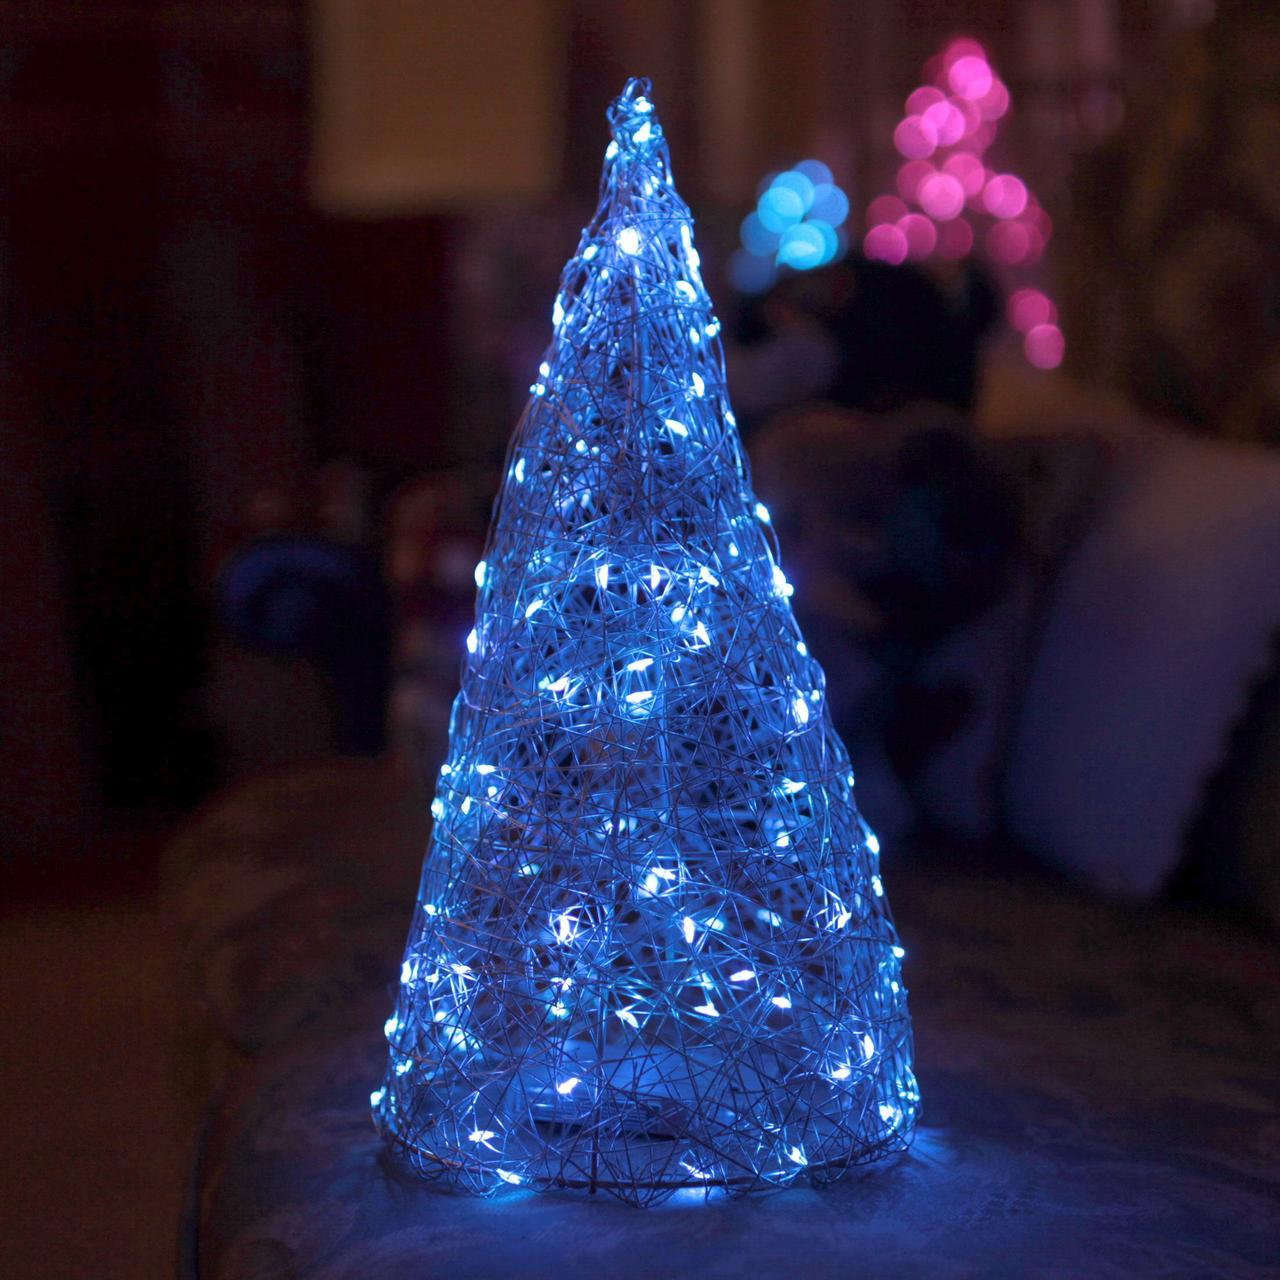 Декор Елка ЛОФТ Новогодняя Рождественская Ель с LED Гирляндой На Батарейках+USB+220V 32х16см SilverBlueLOFT